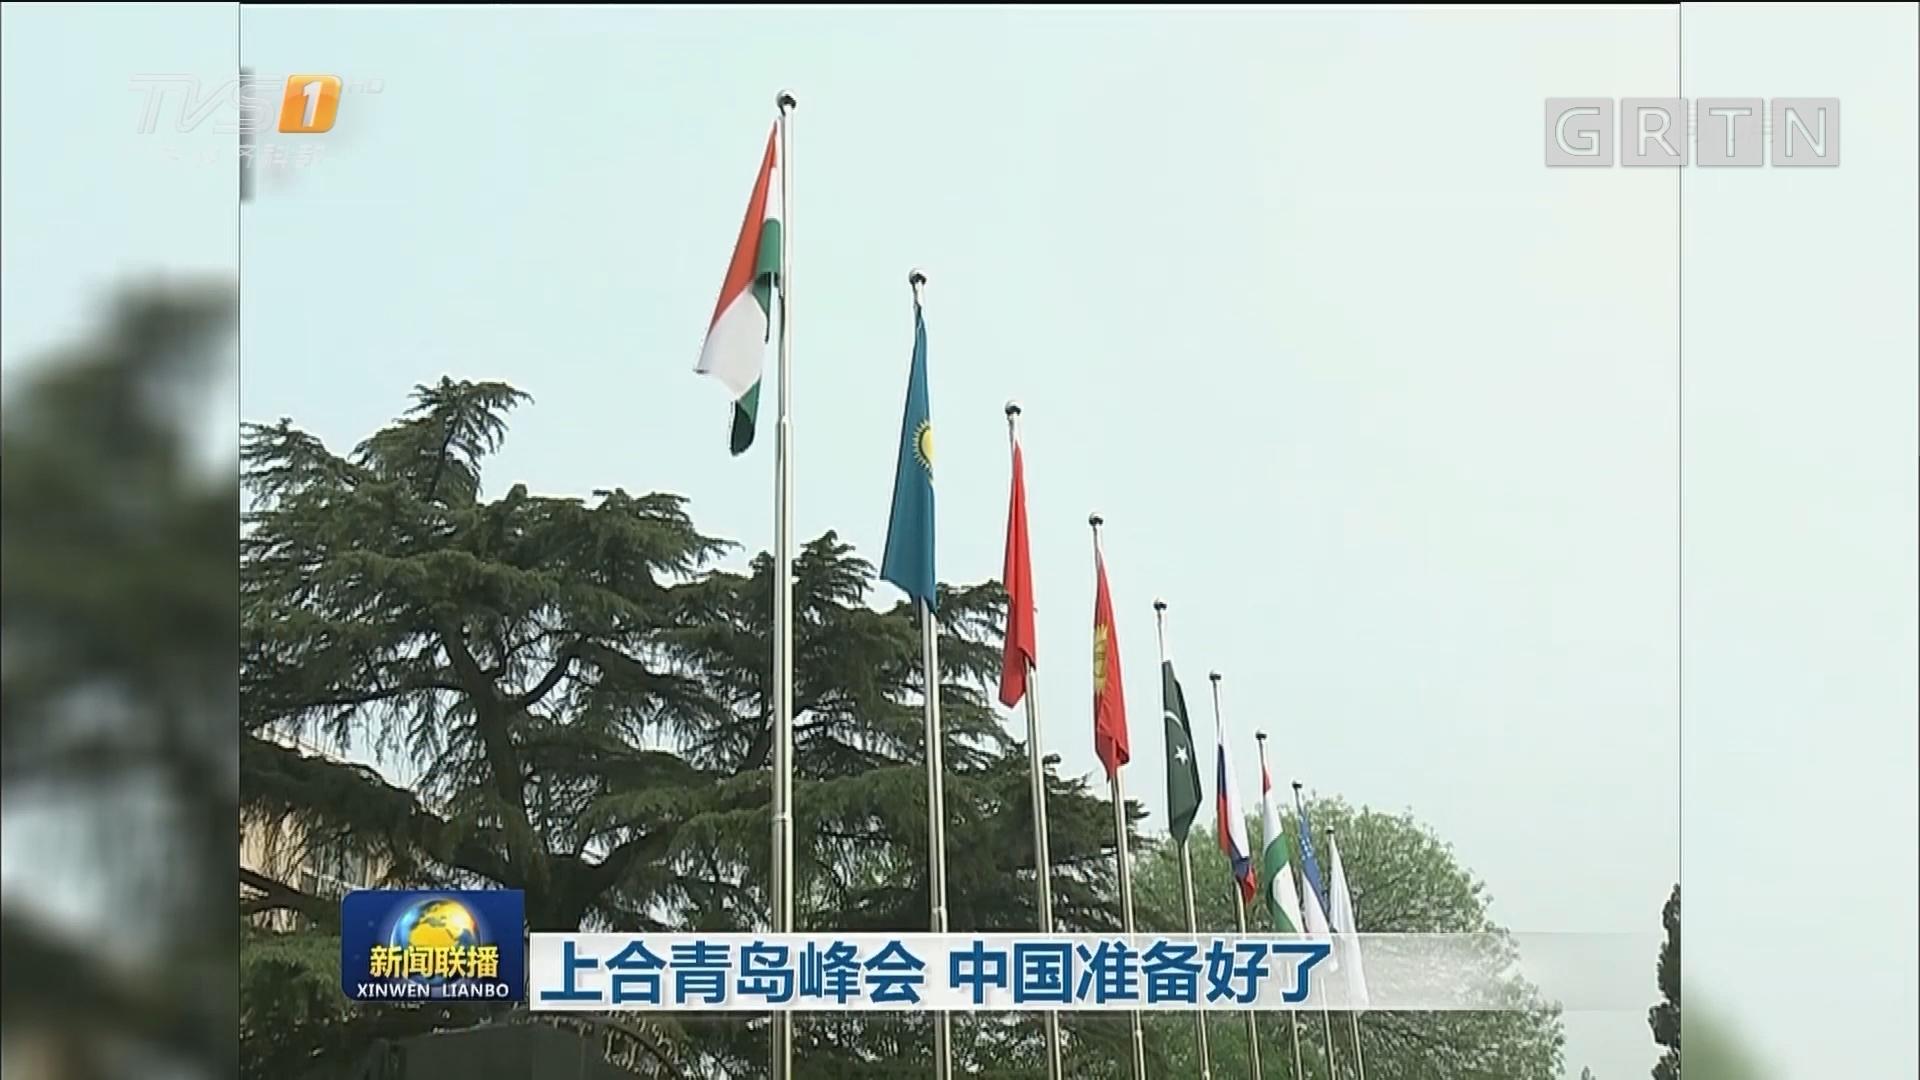 上合青岛峰会 中国准备好了